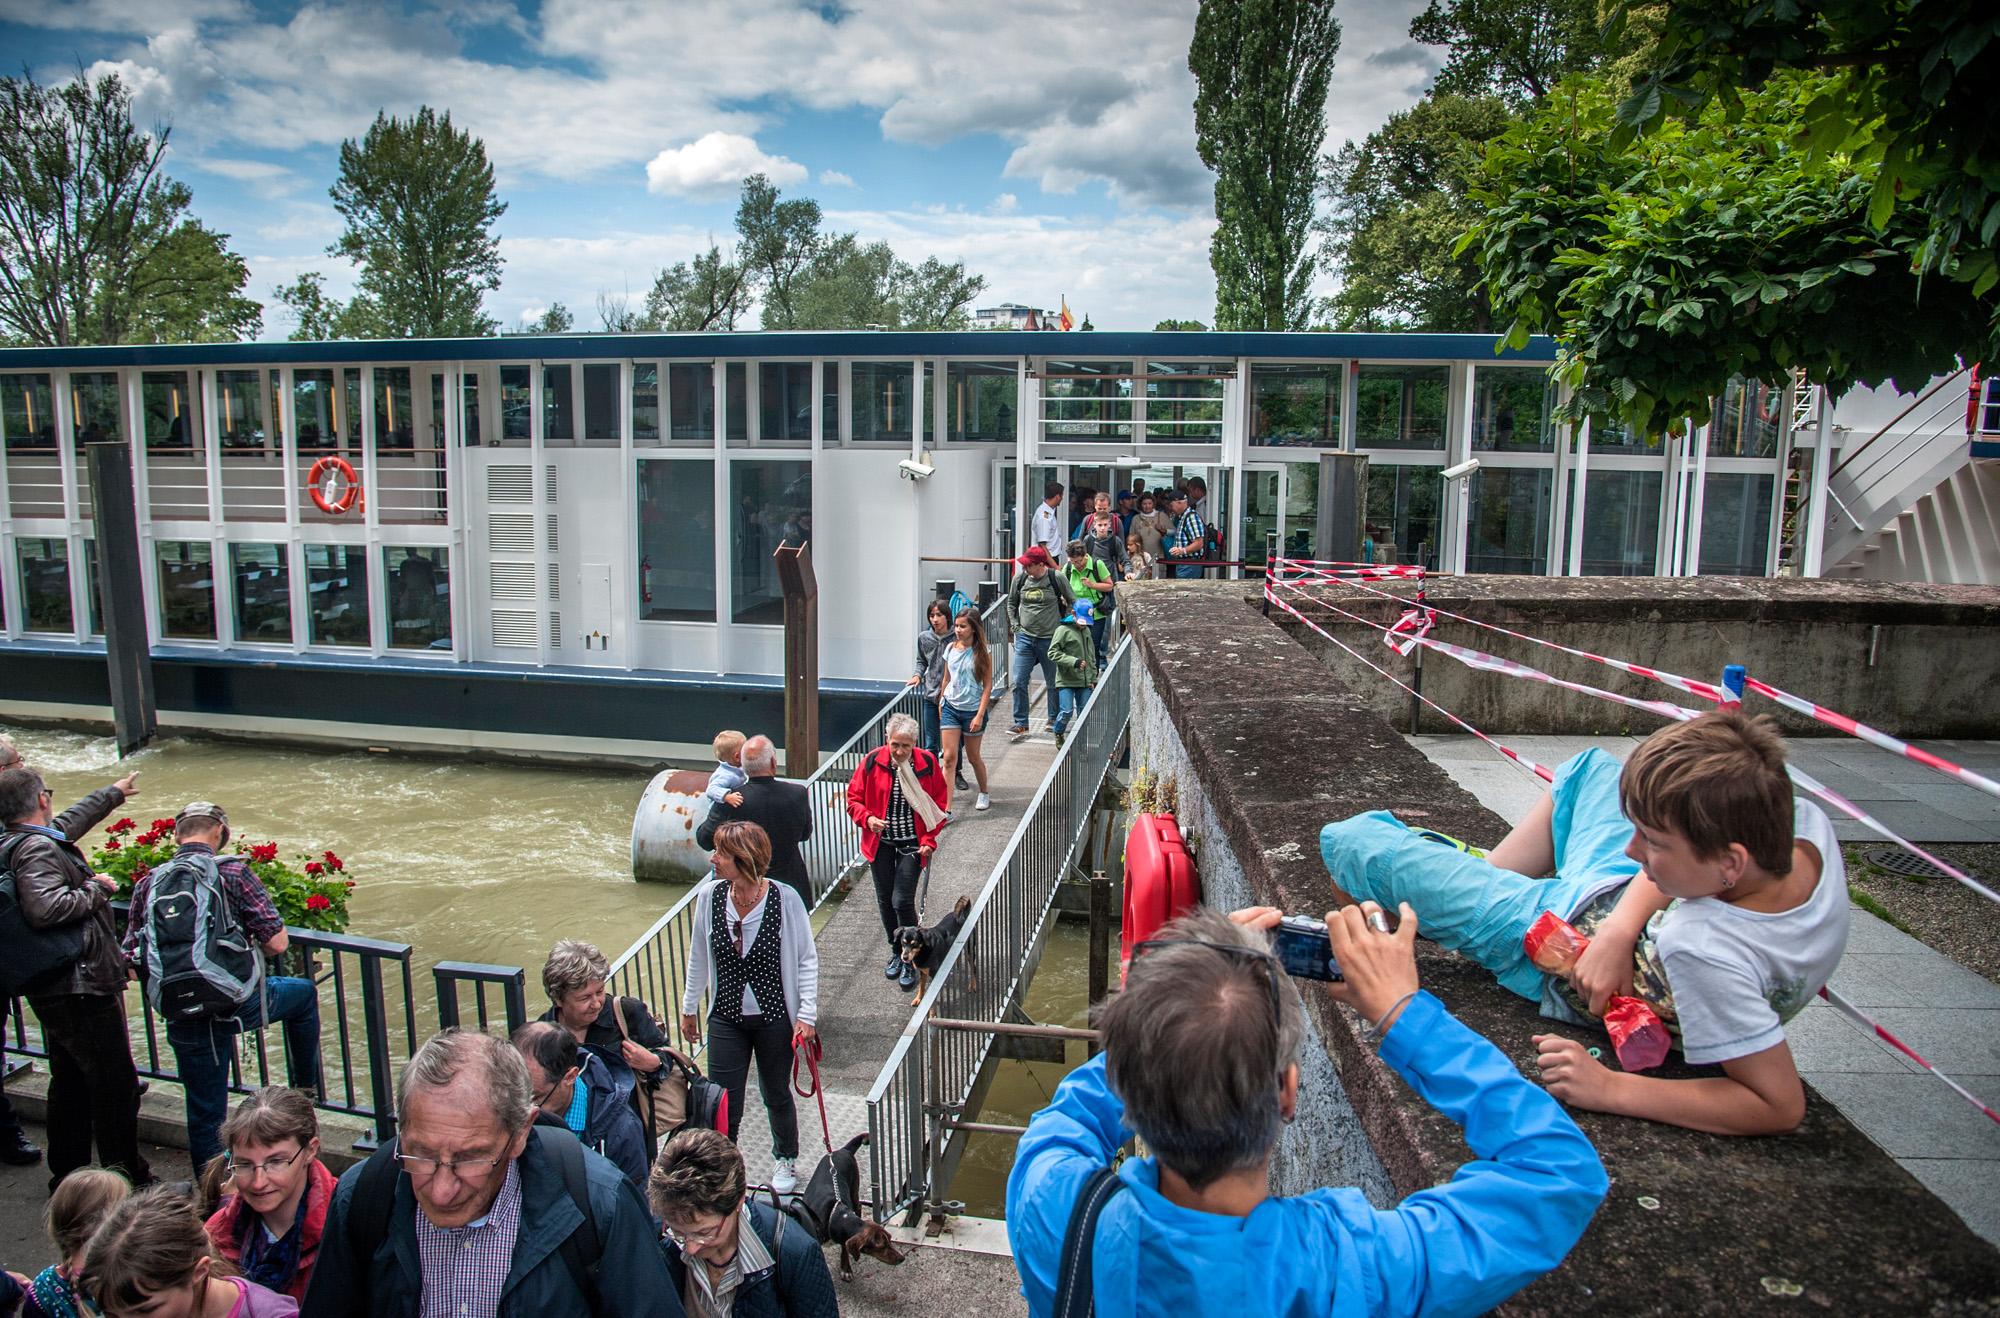 Endhaltestelle: Ab Rheinfelden geht es für die Schiffscrew wieder zurück zum Dreiländereck.